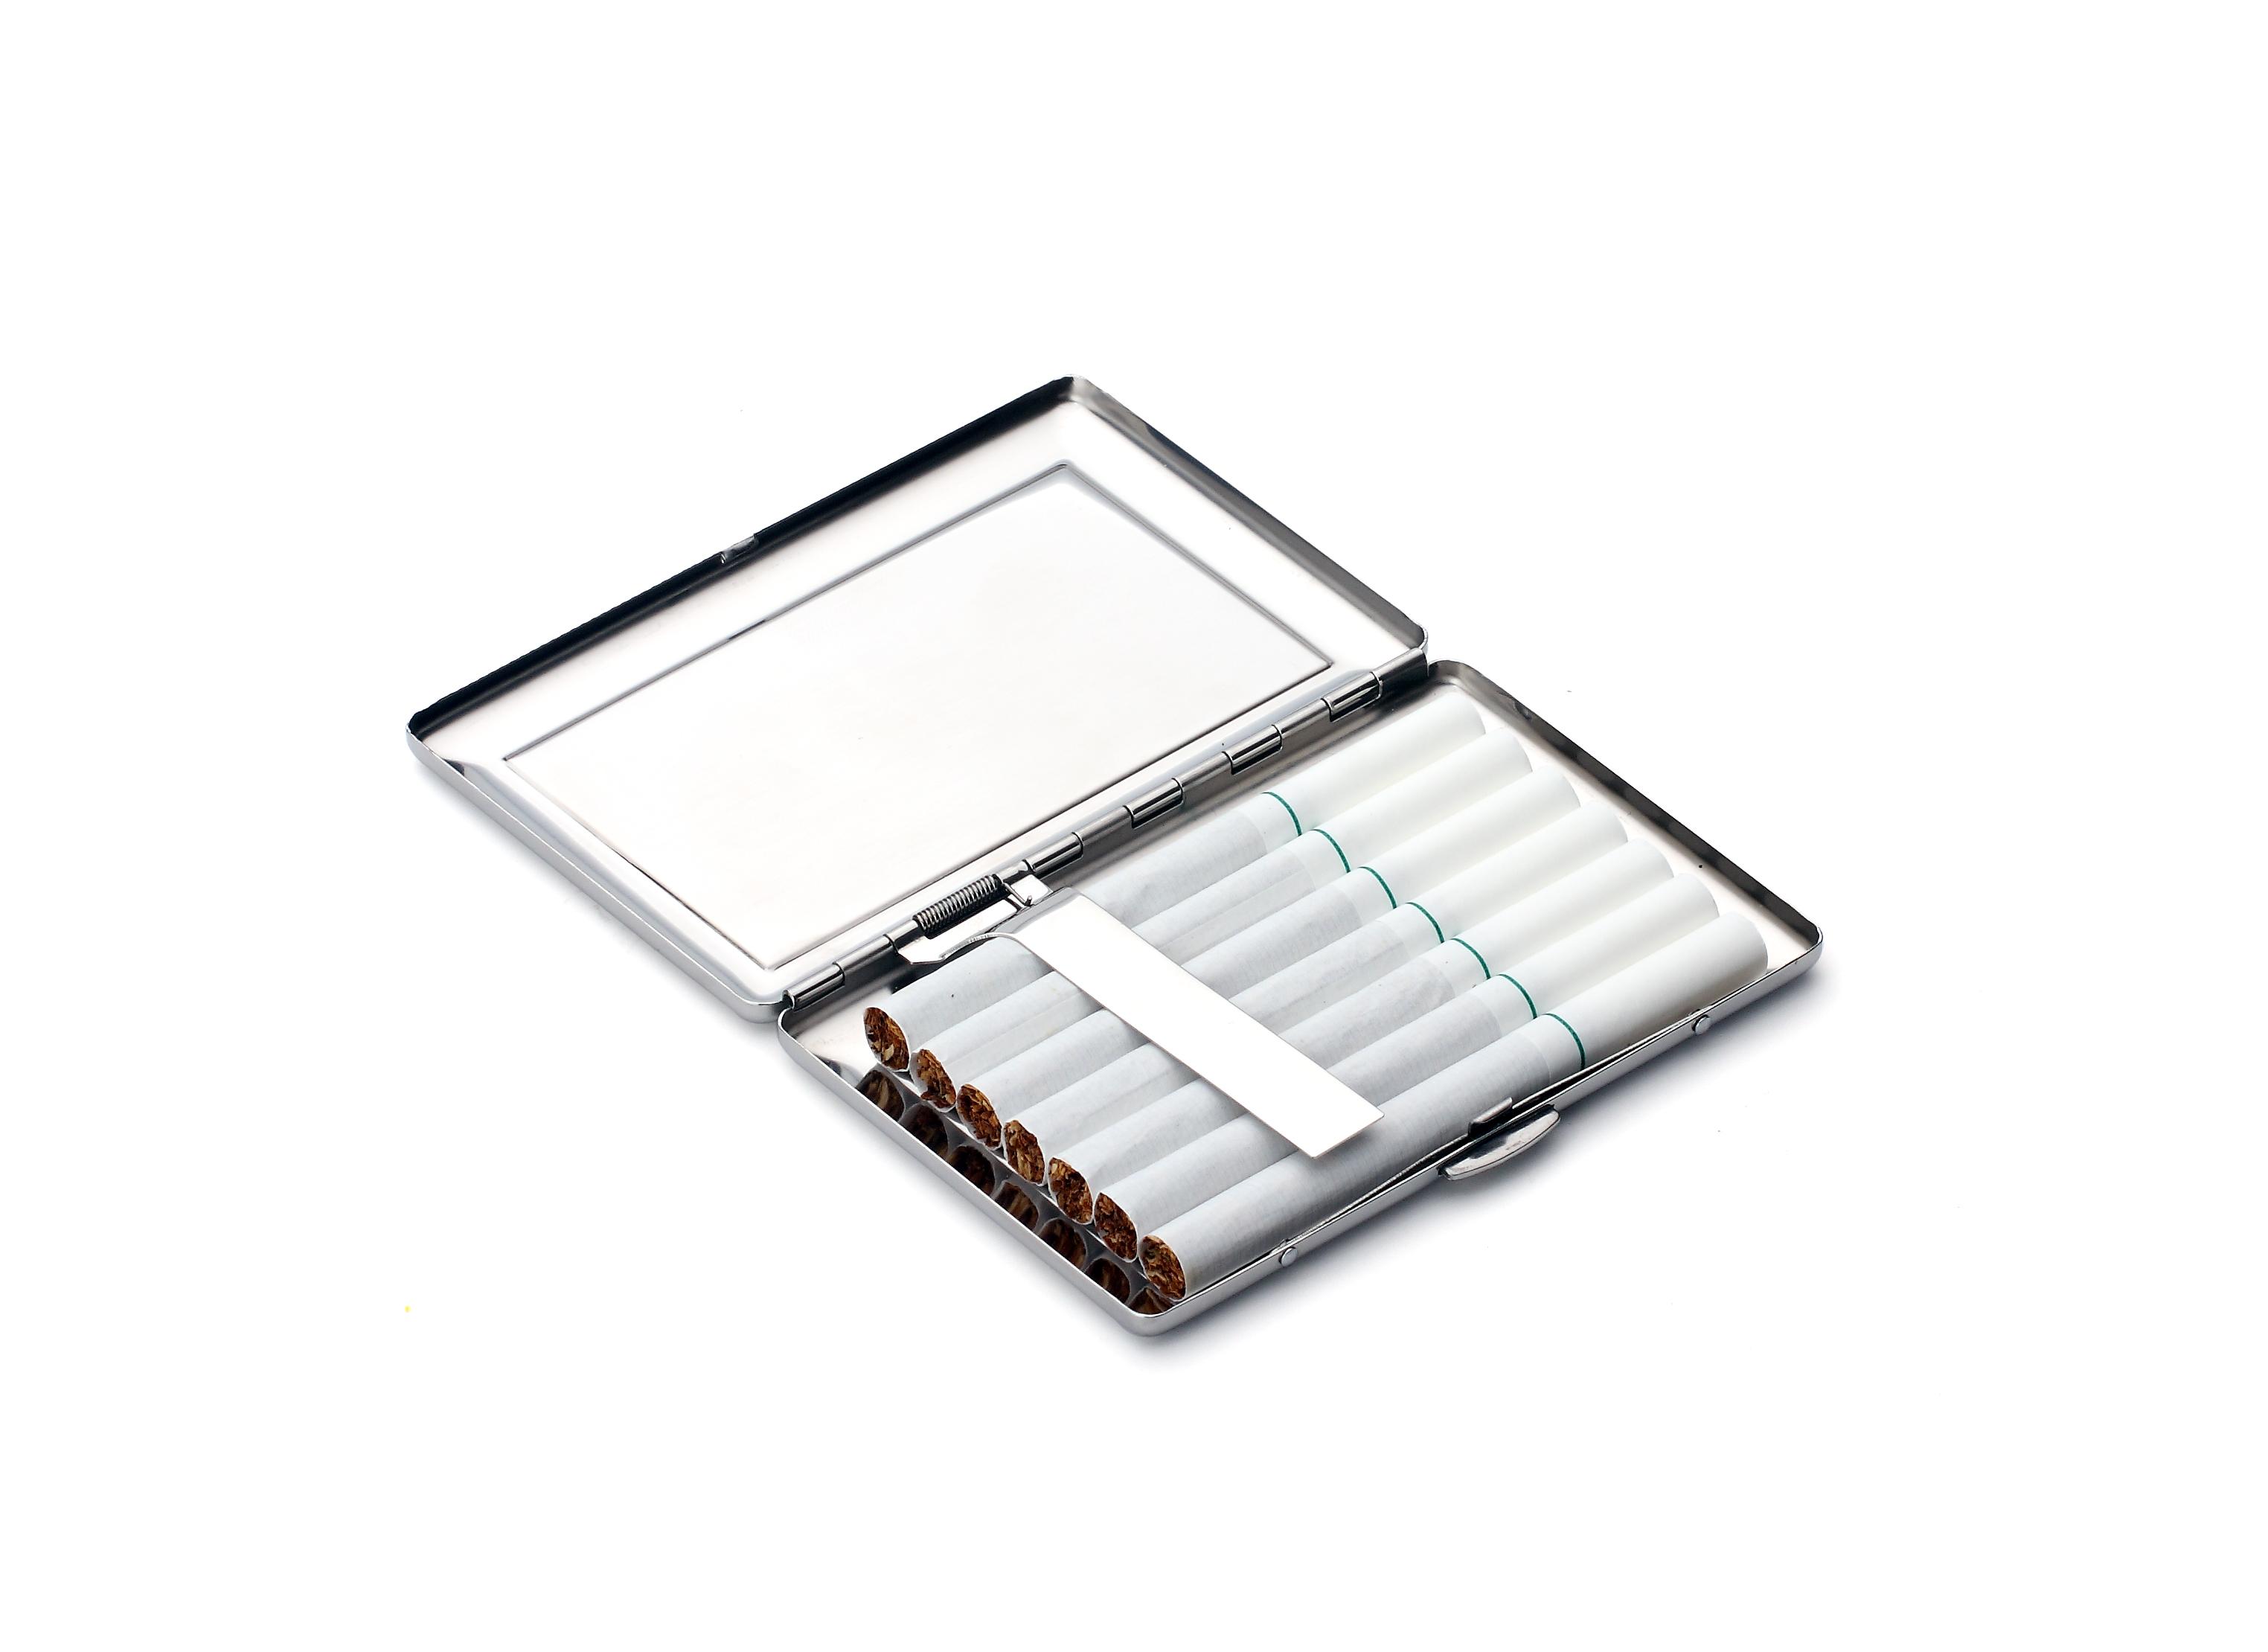 Cigarette case royalty free stock Cigarette case - ClipartFest royalty free stock